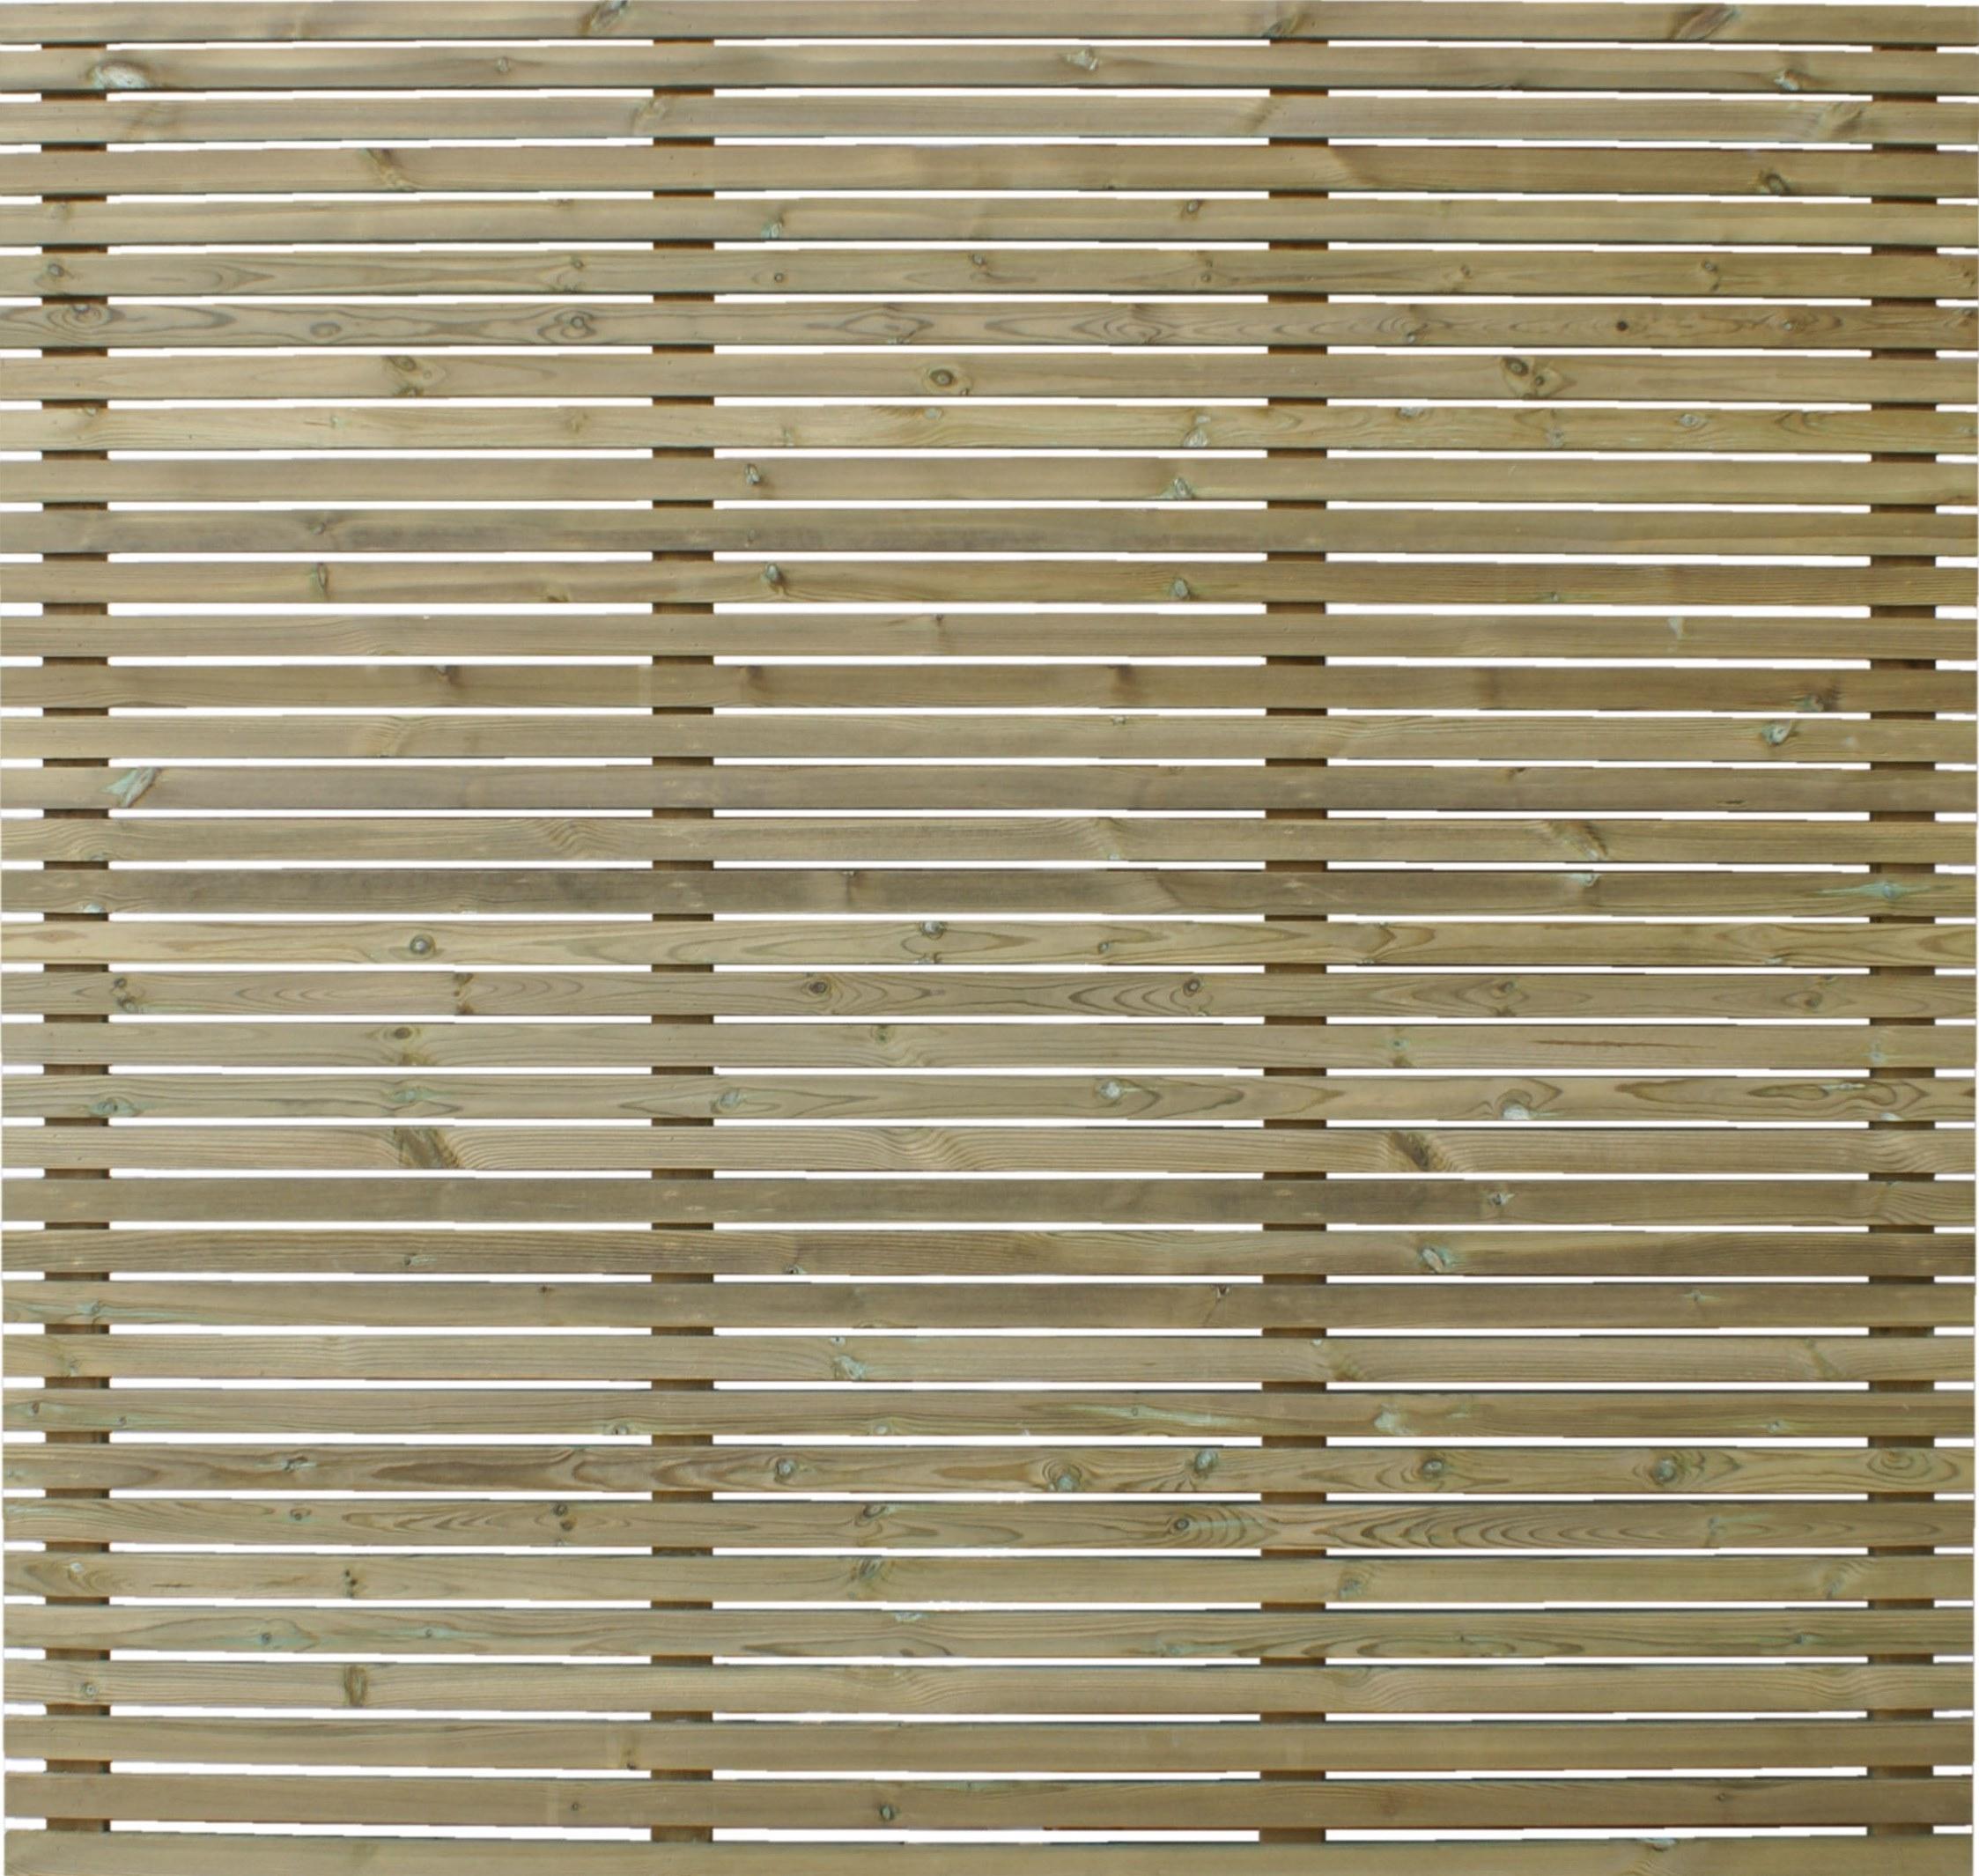 Exterior Living | Tuinscherm Venice 180x180